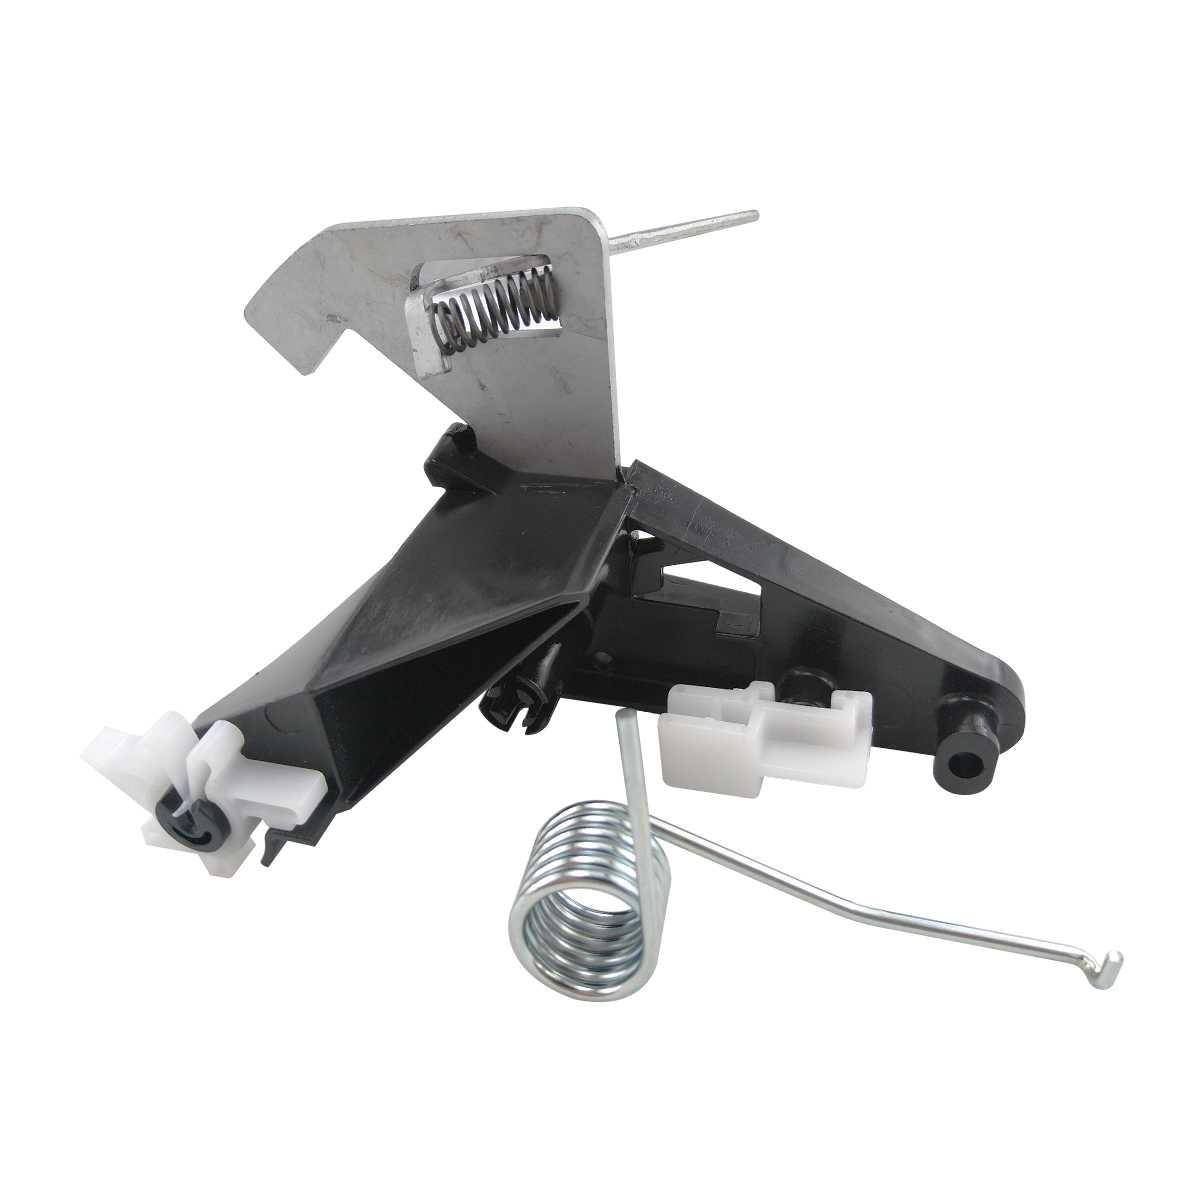 Braço Injetado do sistema de freio da lavadora Electrolux 60016900